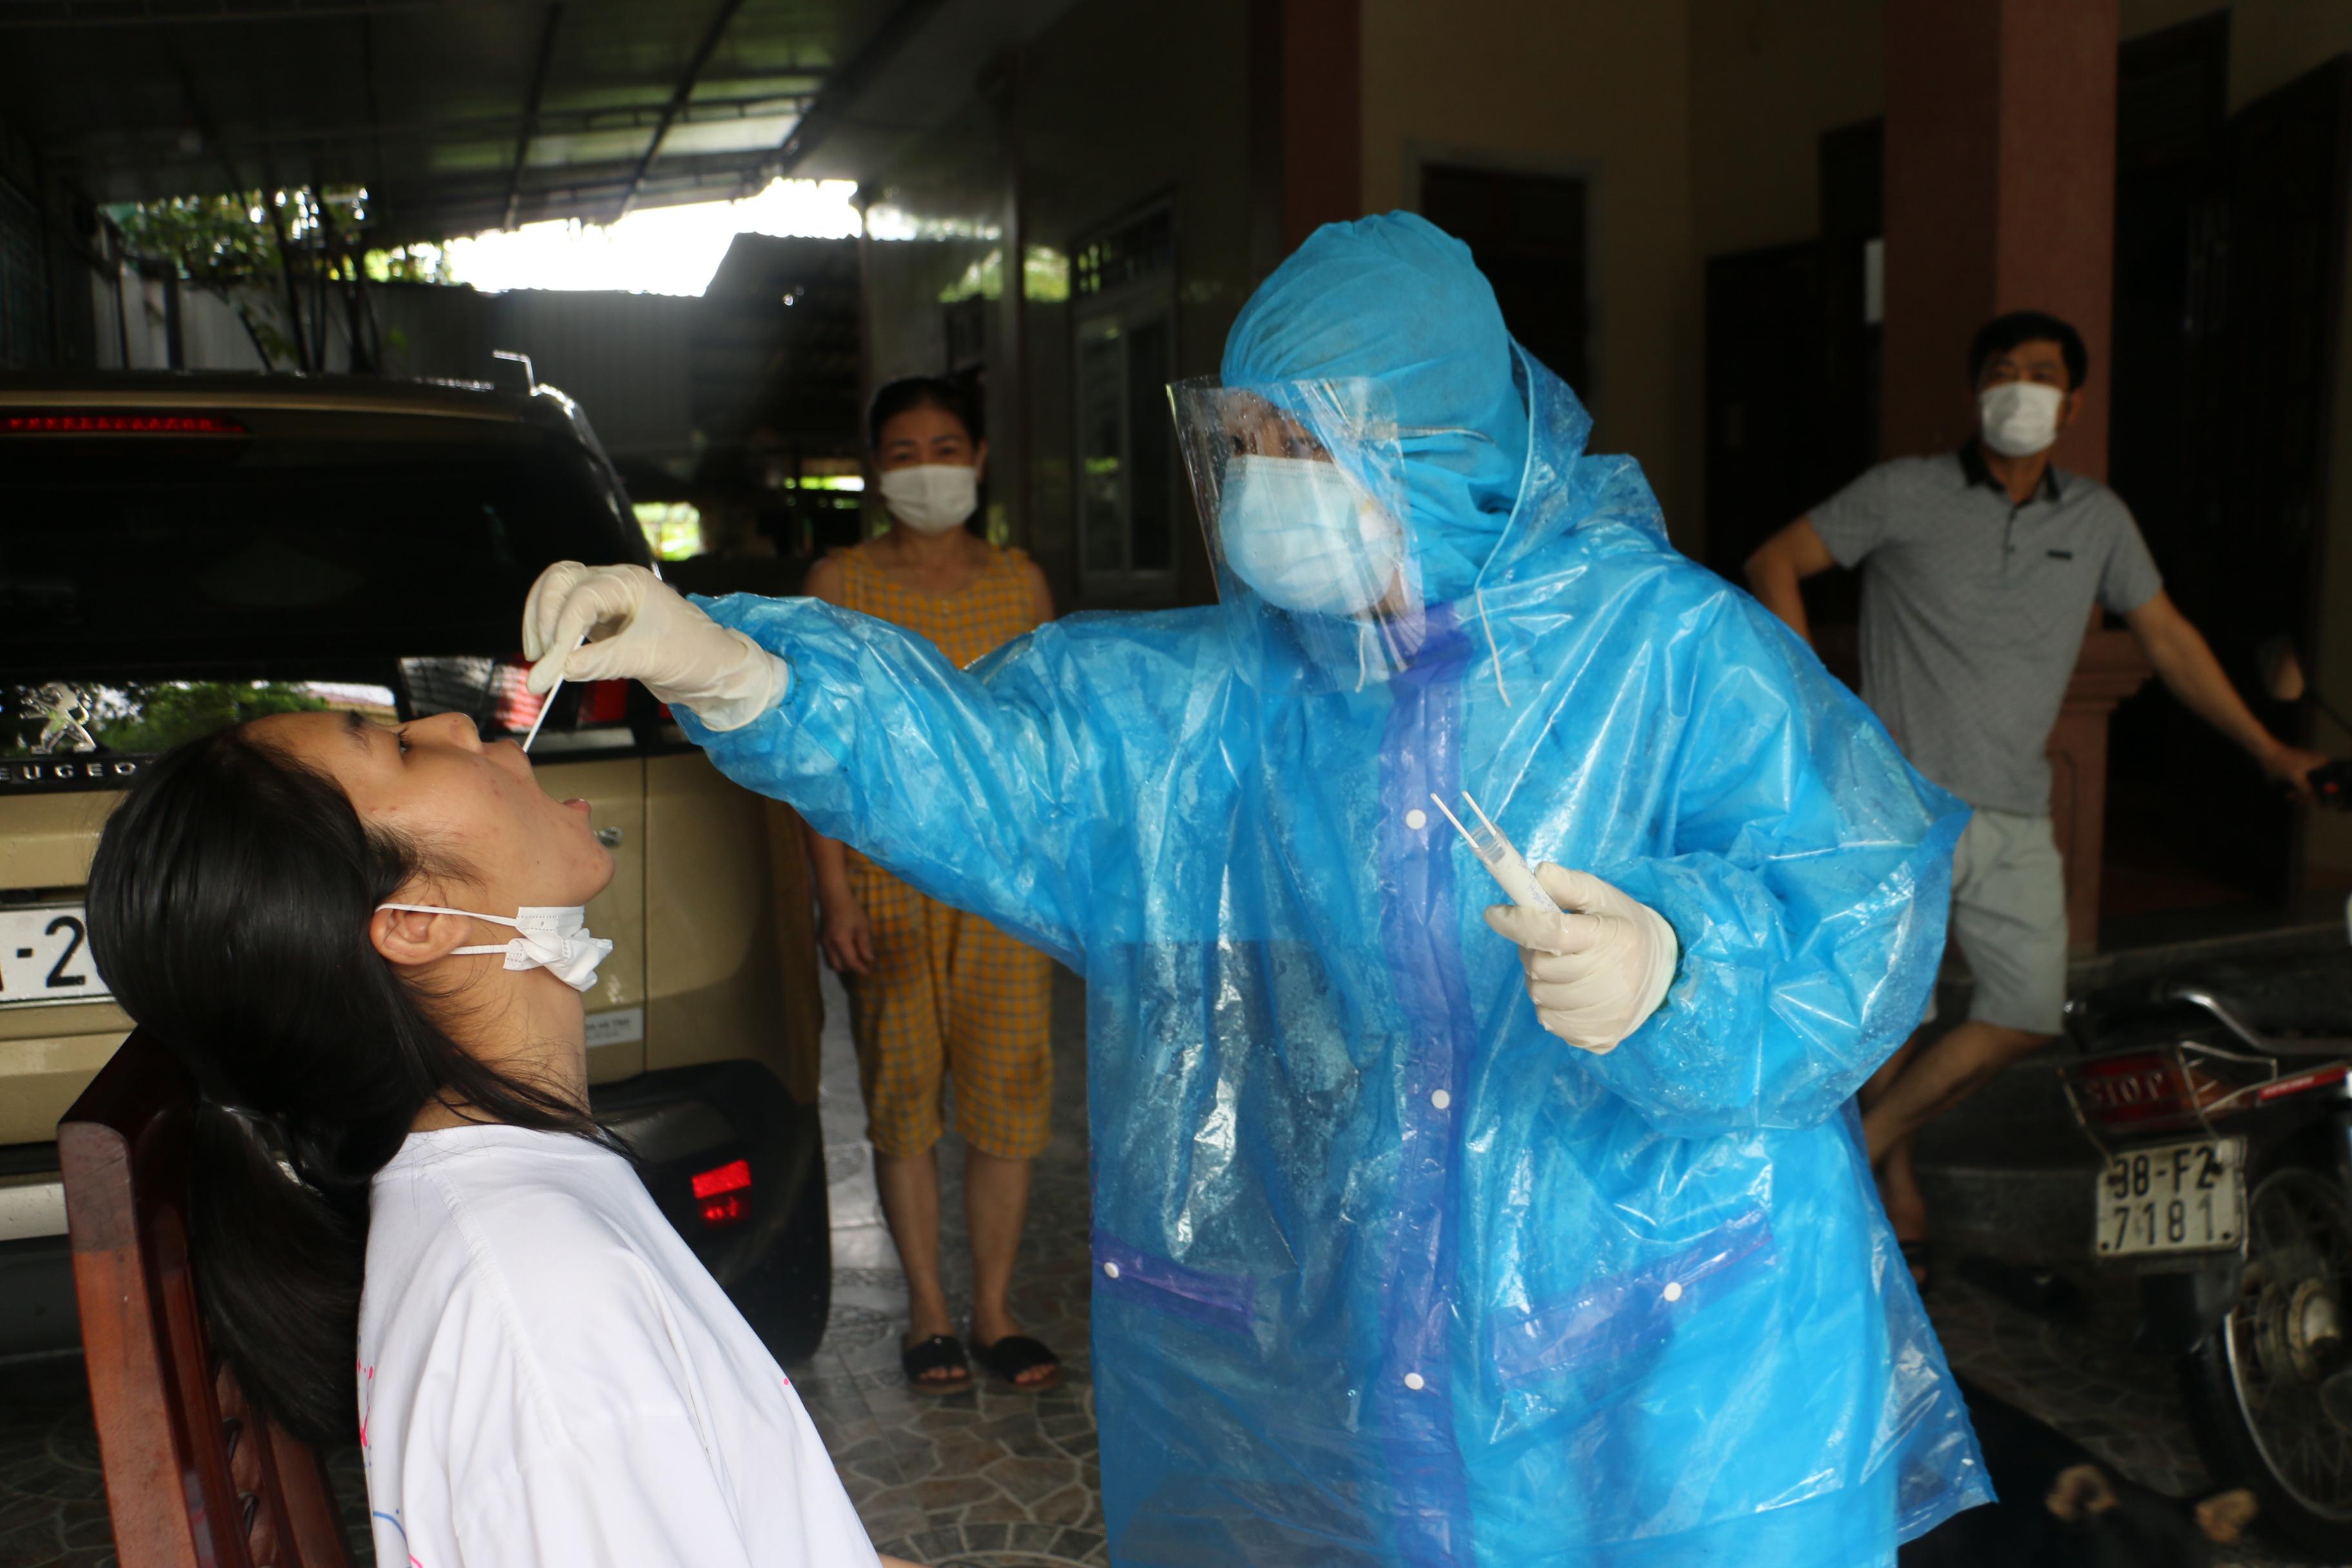 Sáng 20/6, Hà Tĩnh có thêm 1 trường hợp F1 dương tính với SARS-CoV-2